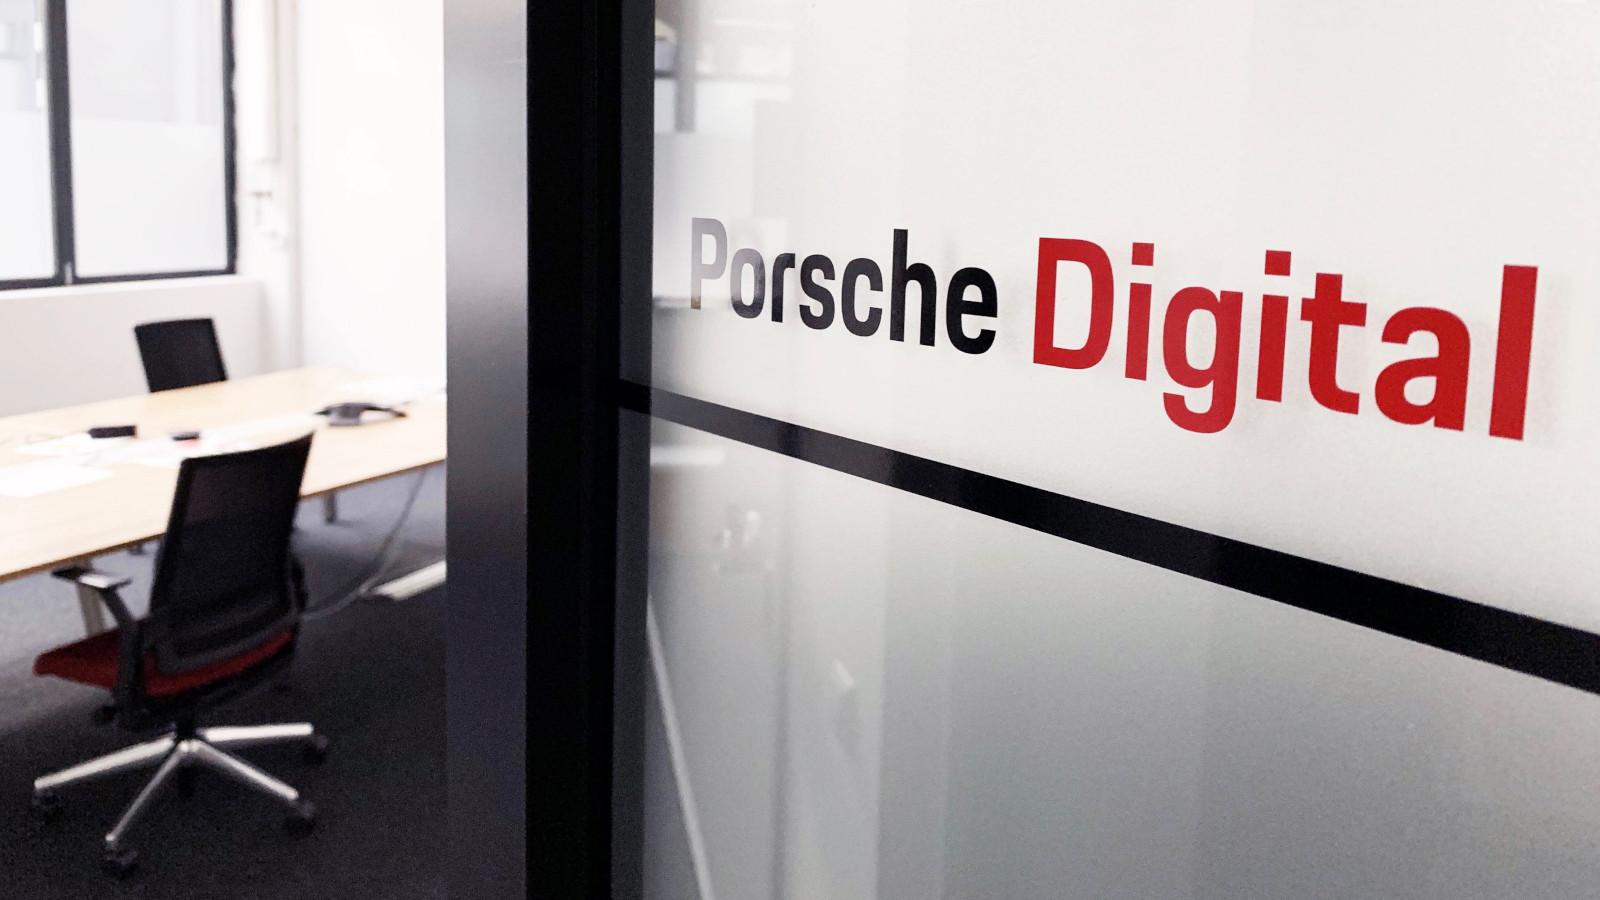 Porsche Digital abre una nueva oficina